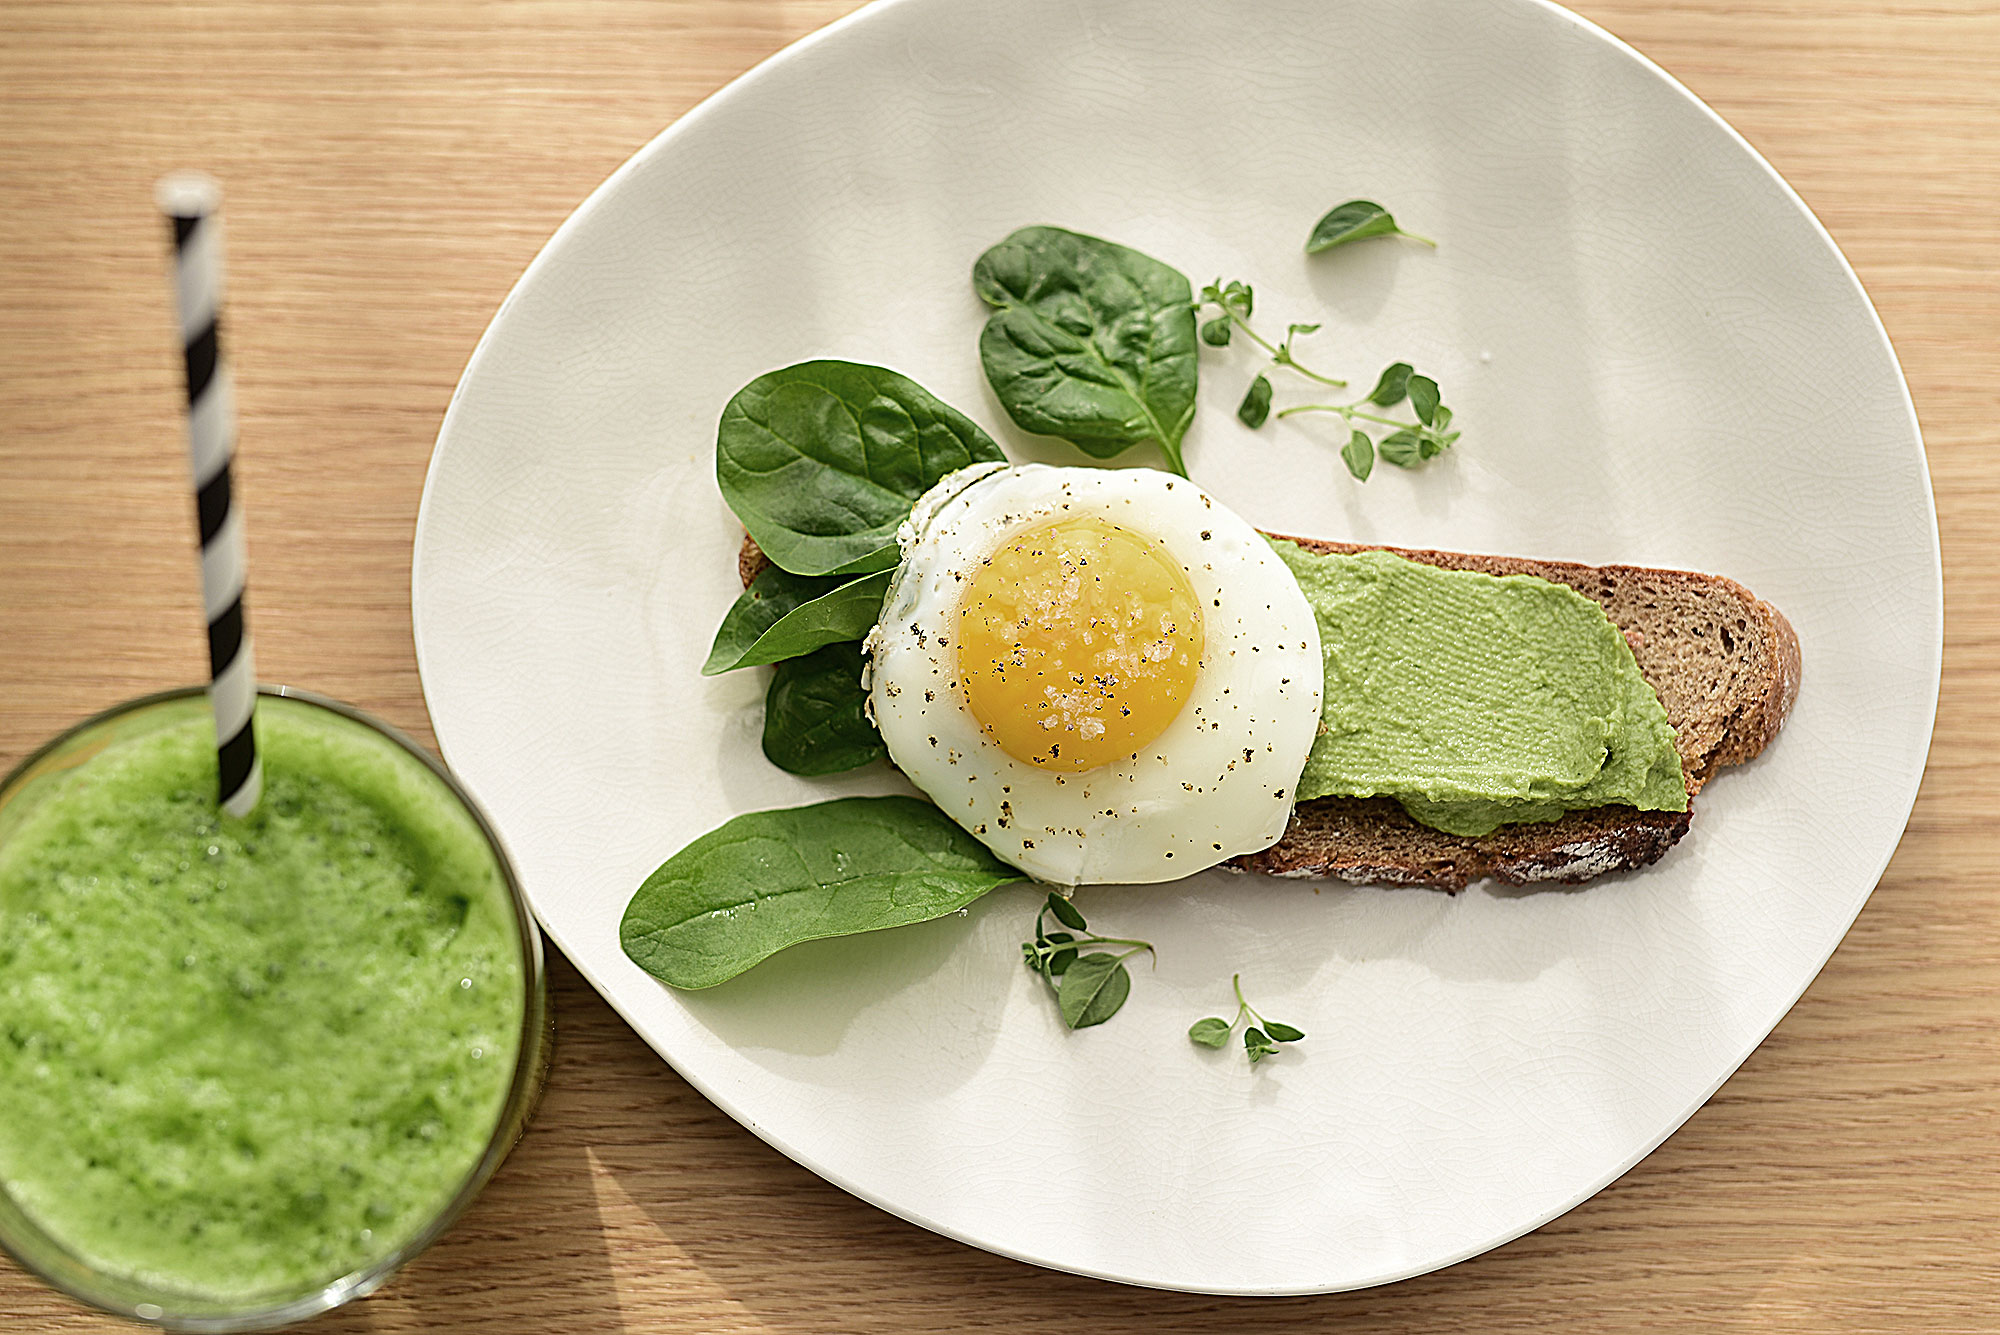 Ein gesundes Frühstück aus frischen Zutaten